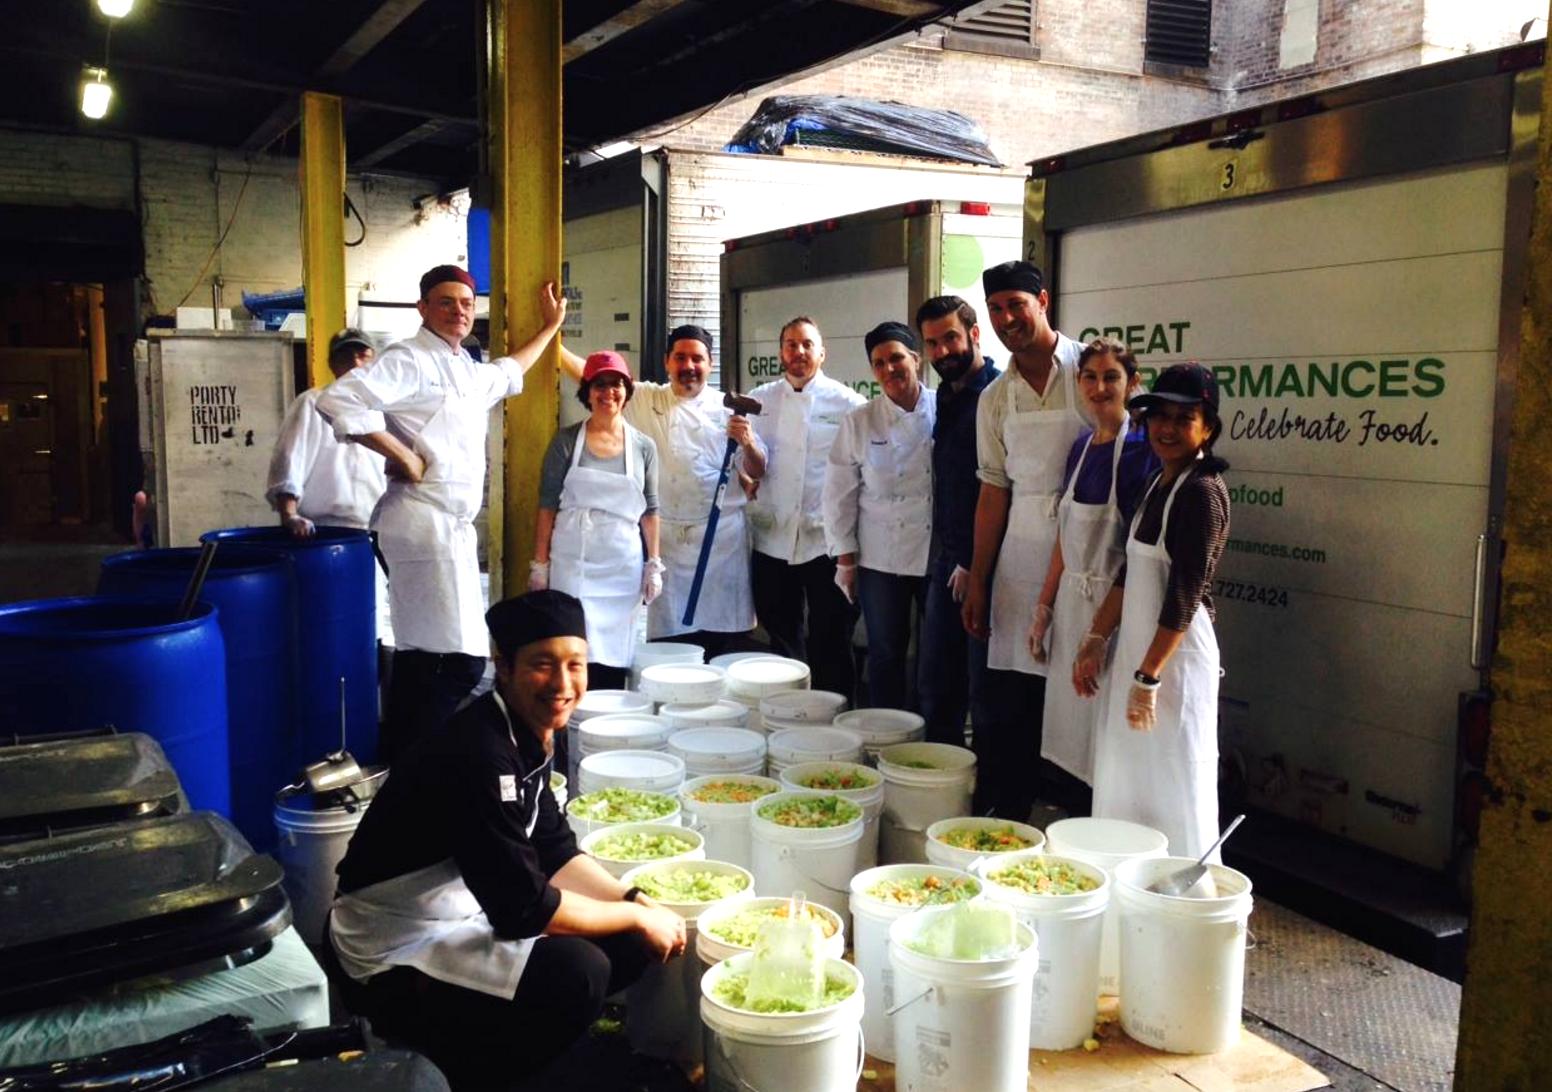 NYミシュランシェフ考案の「廃棄食材」を使った料理。みんなで作って美味しくで食べて